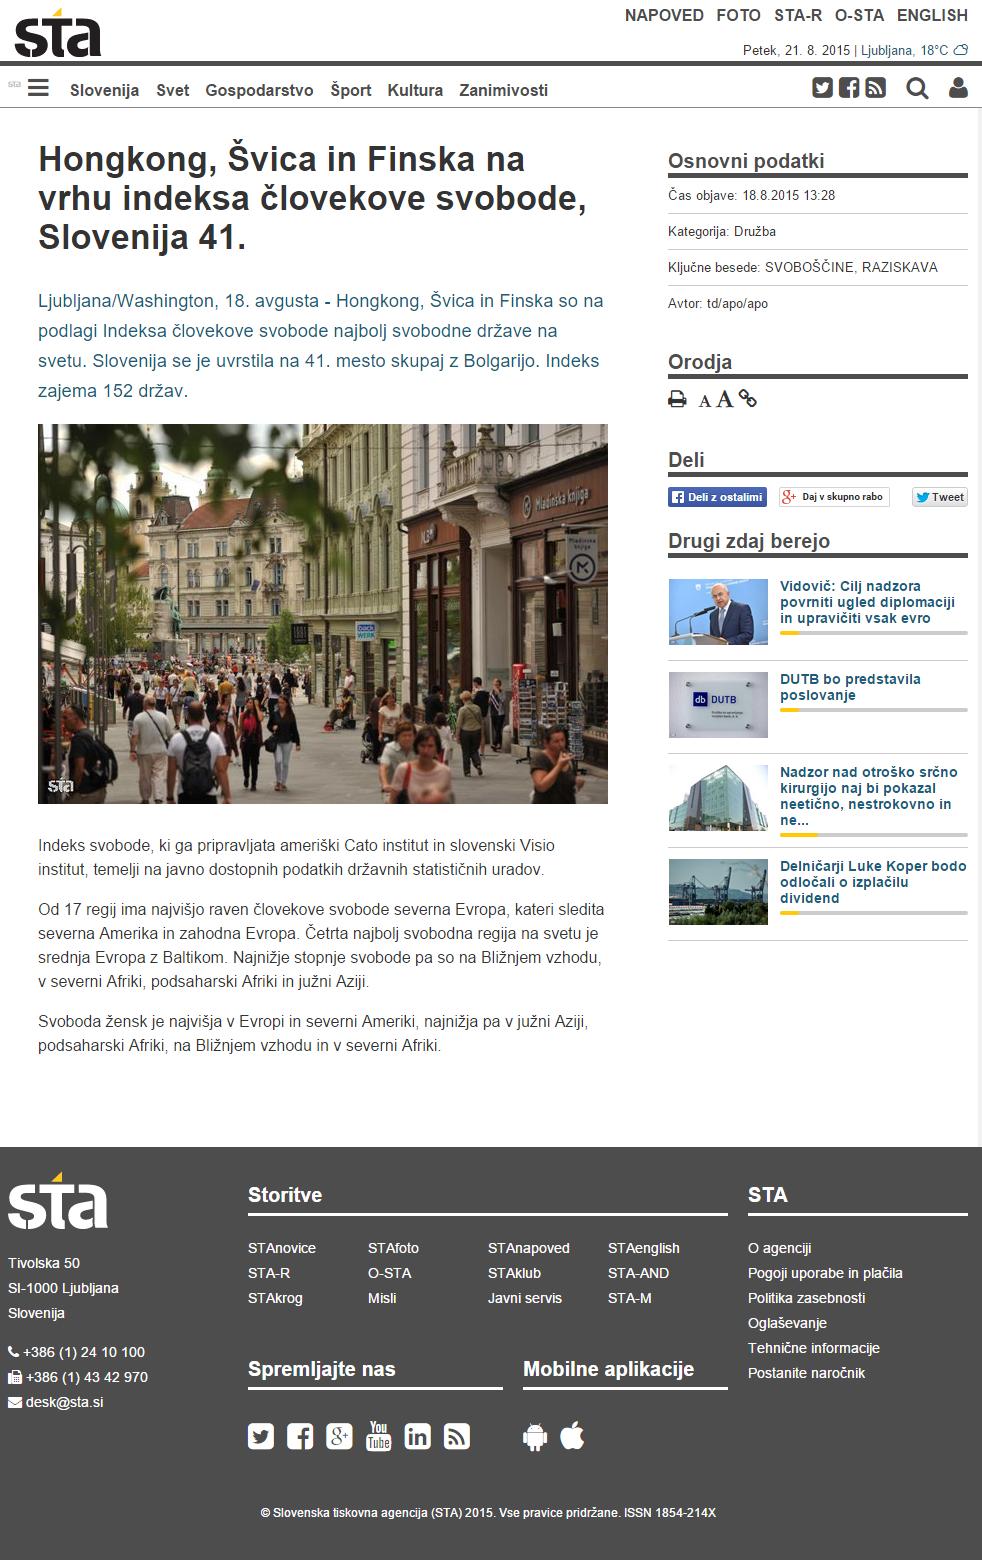 screencapture-www-sta-si-2166631-hongkong-svica-in-finska-na-vrhu-indeksa-clovekove-svobode-slovenija-41-1440112531056 (1)